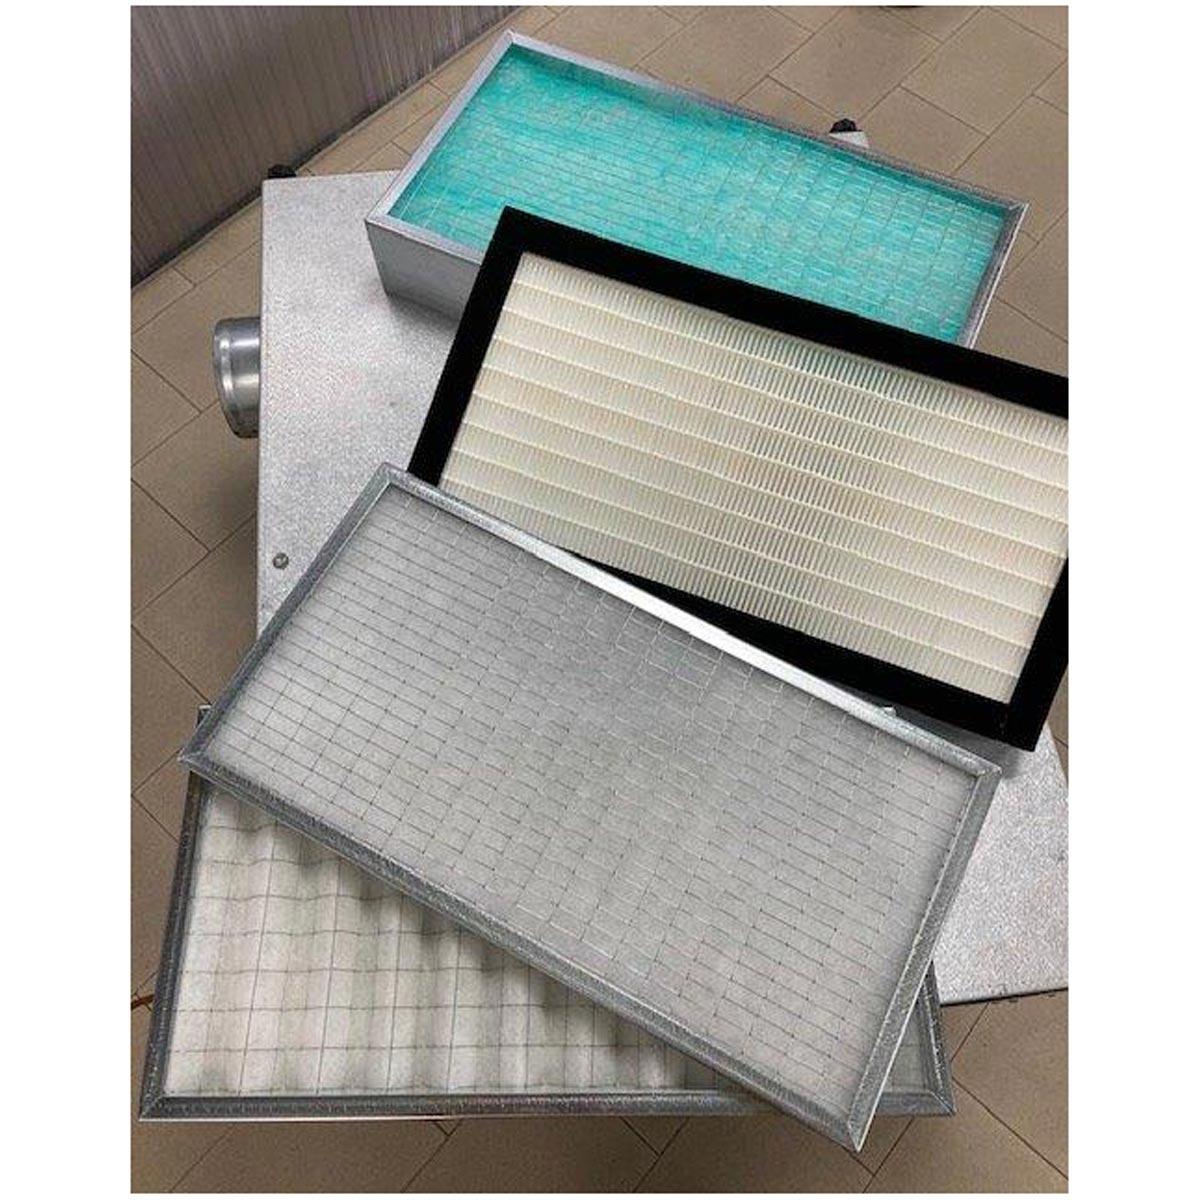 Filtri per Sistema di depurazione e filtro aria USATO